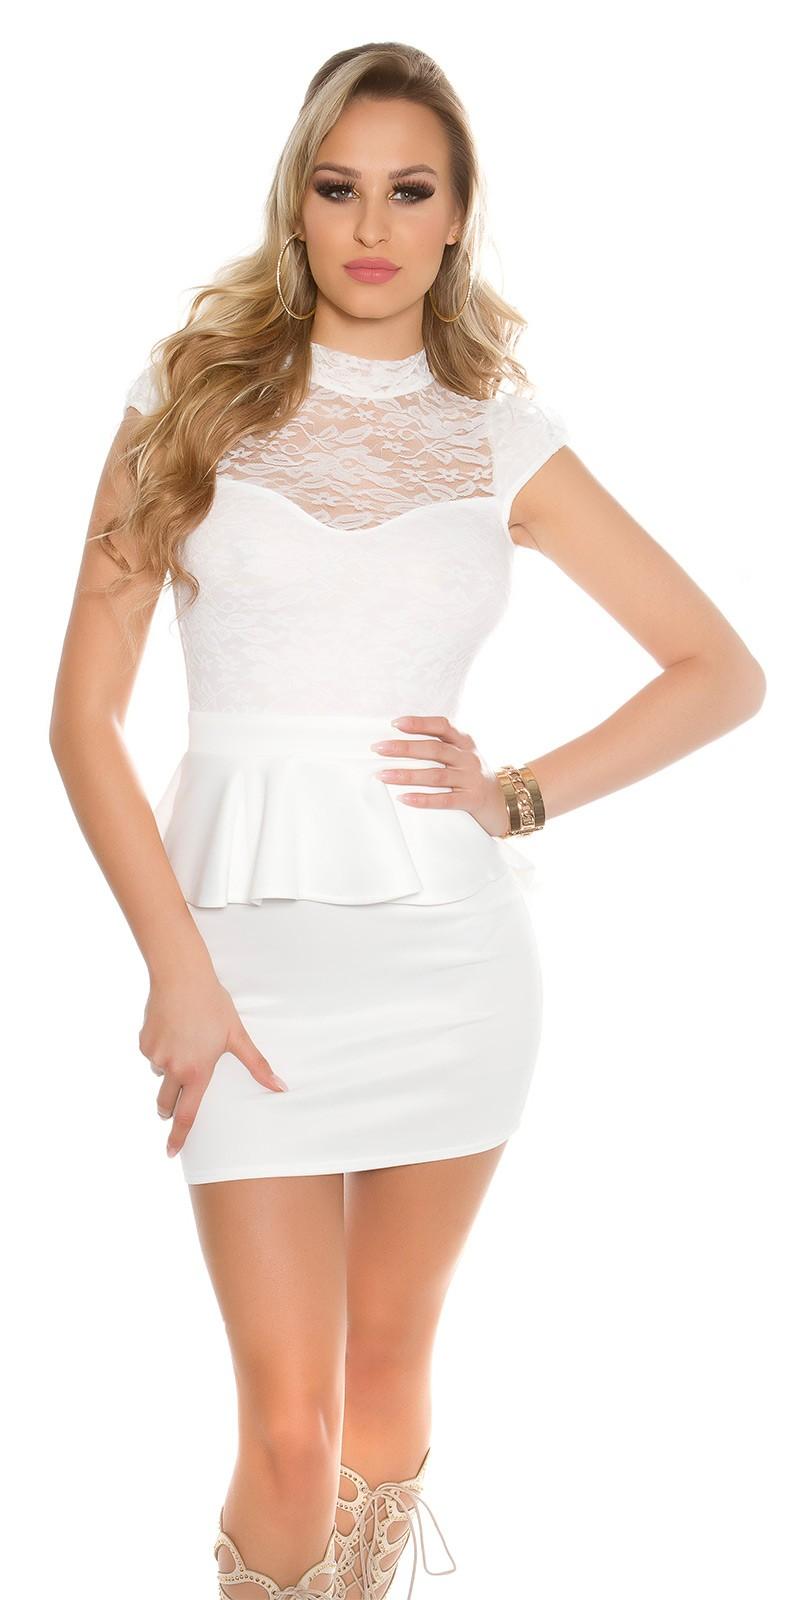 Nyitott hátú csipke felsős peplum női alkalmi ruha - Fehér (S-M) a1d5f423ce